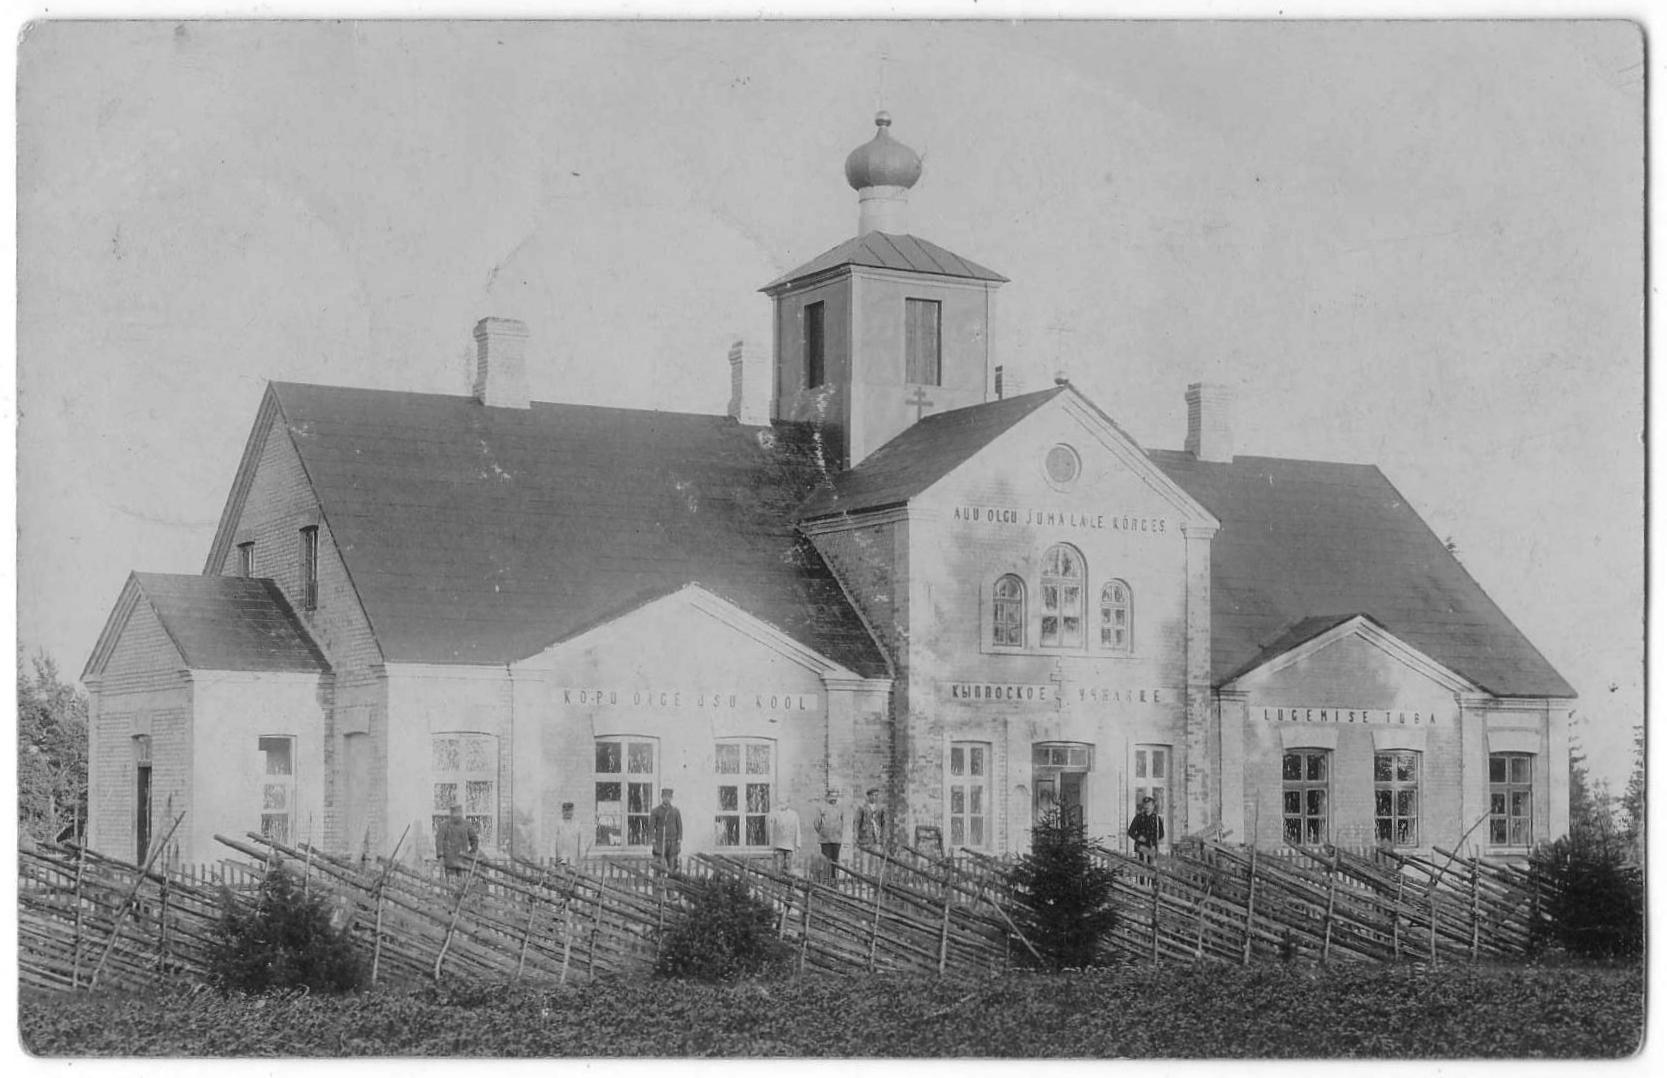 Kõpu_õigeusu_kool-kirik_u_1910,_foto_Hiiumaa_muuseumi_kogust.jpg